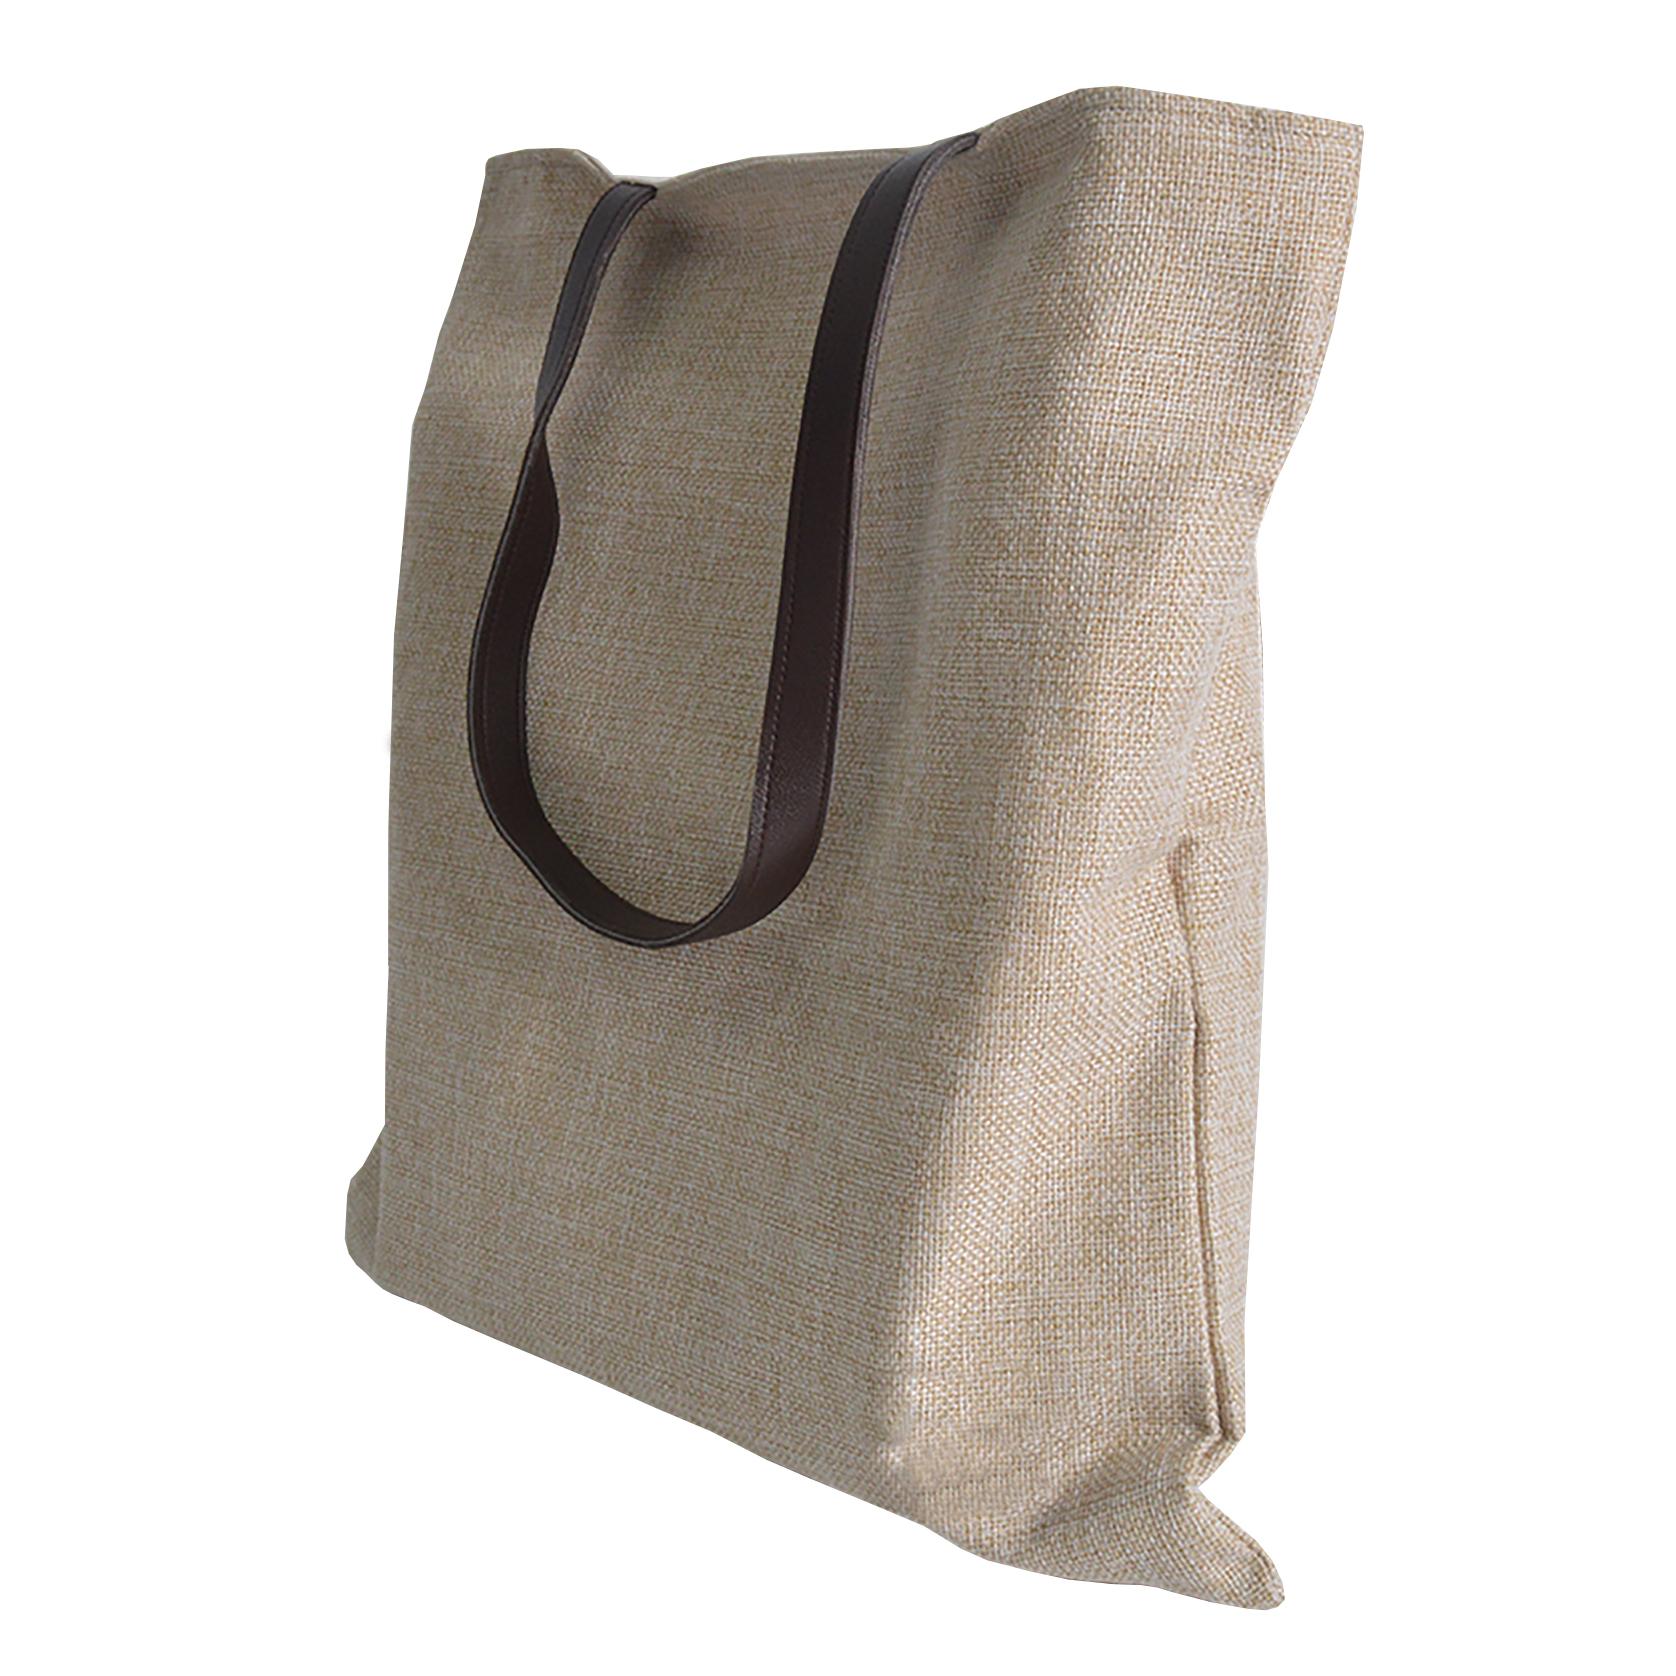 Thai cotton tote handbag